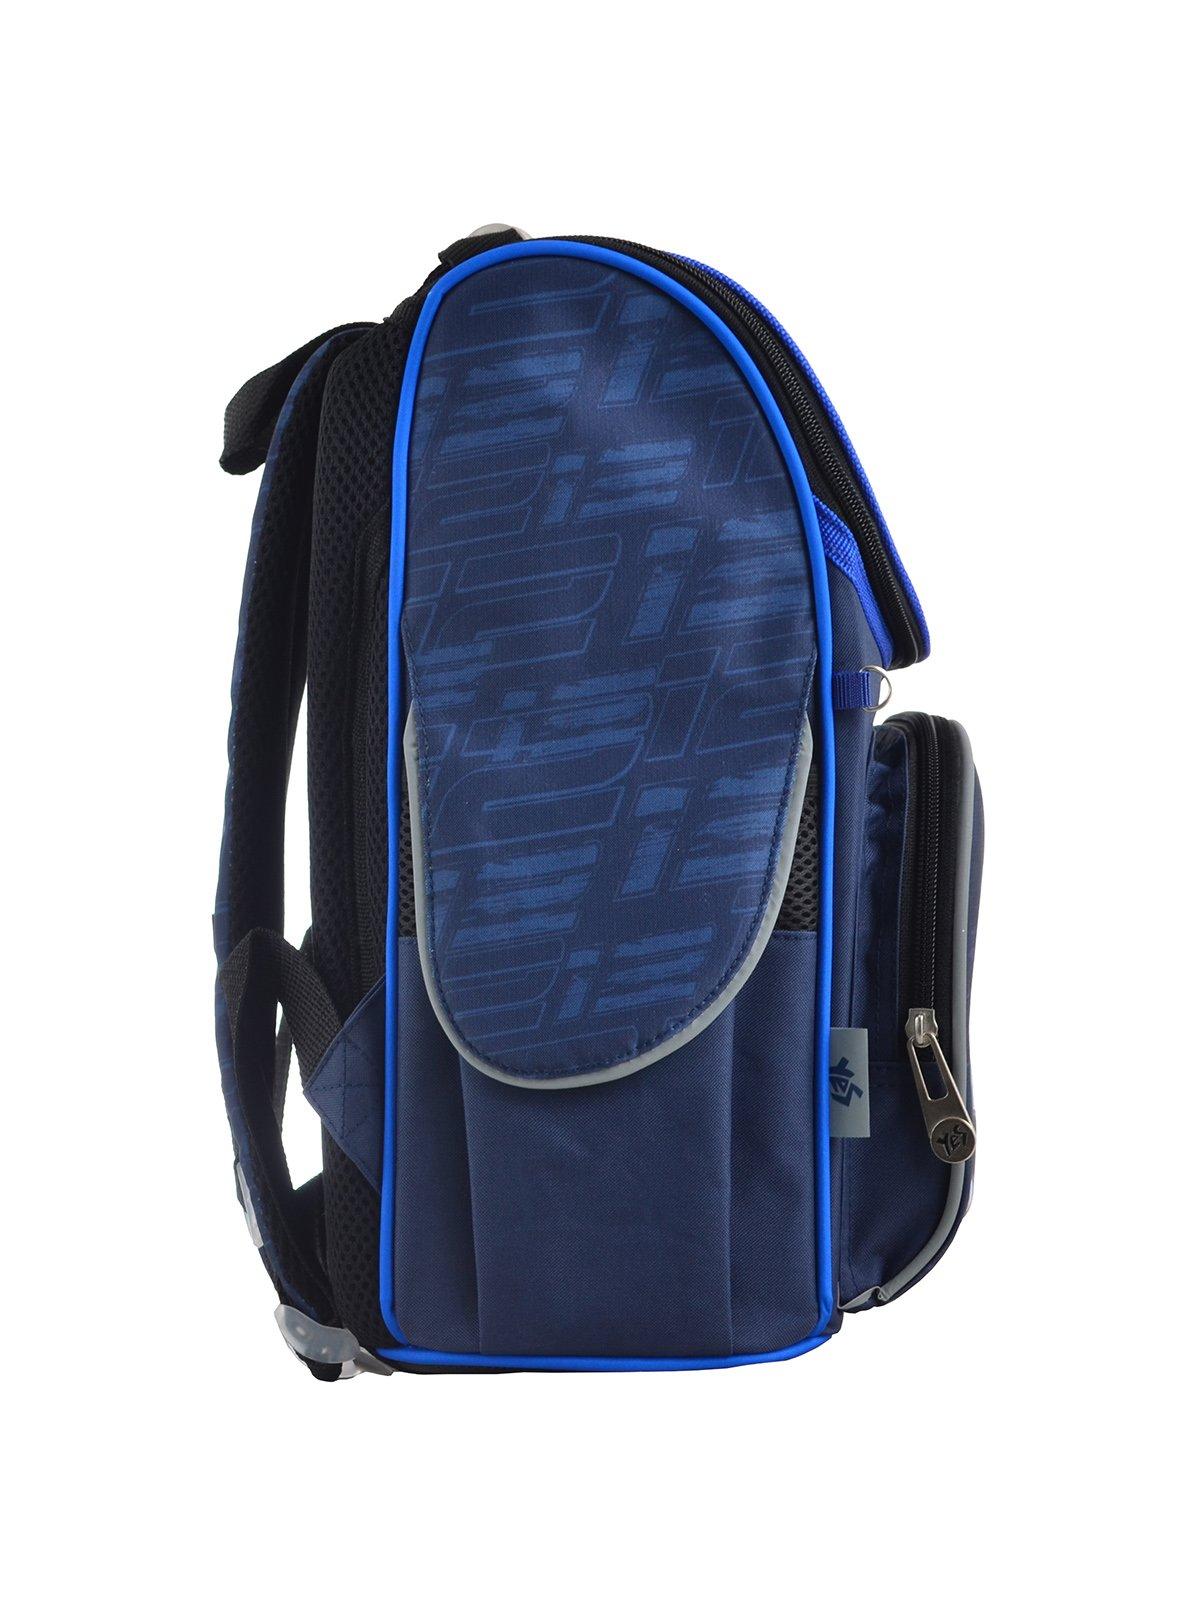 Рюкзак каркасний синій в принт | 4284745 | фото 2